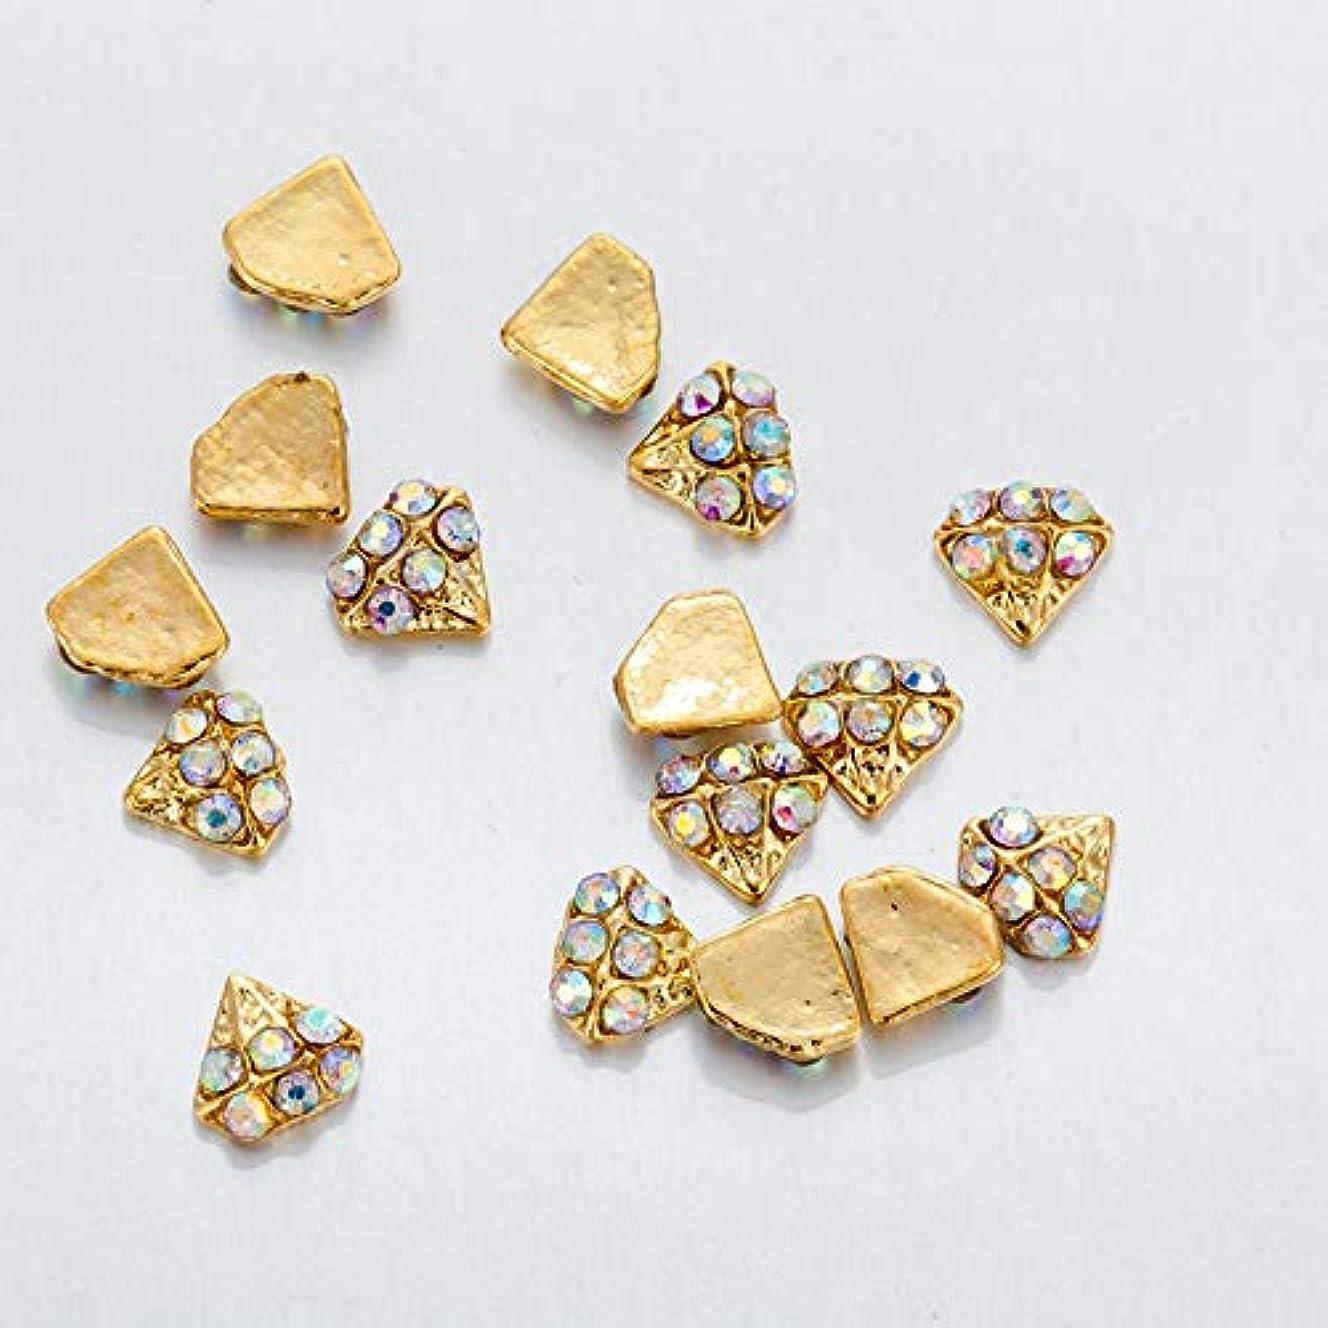 管理親仮定する10 PCS /袋3Dラインストーンダイヤモンド形状合金のフラワーネイルグラマーネイルアートデコレーションスパークリングラインストーンネイル用品